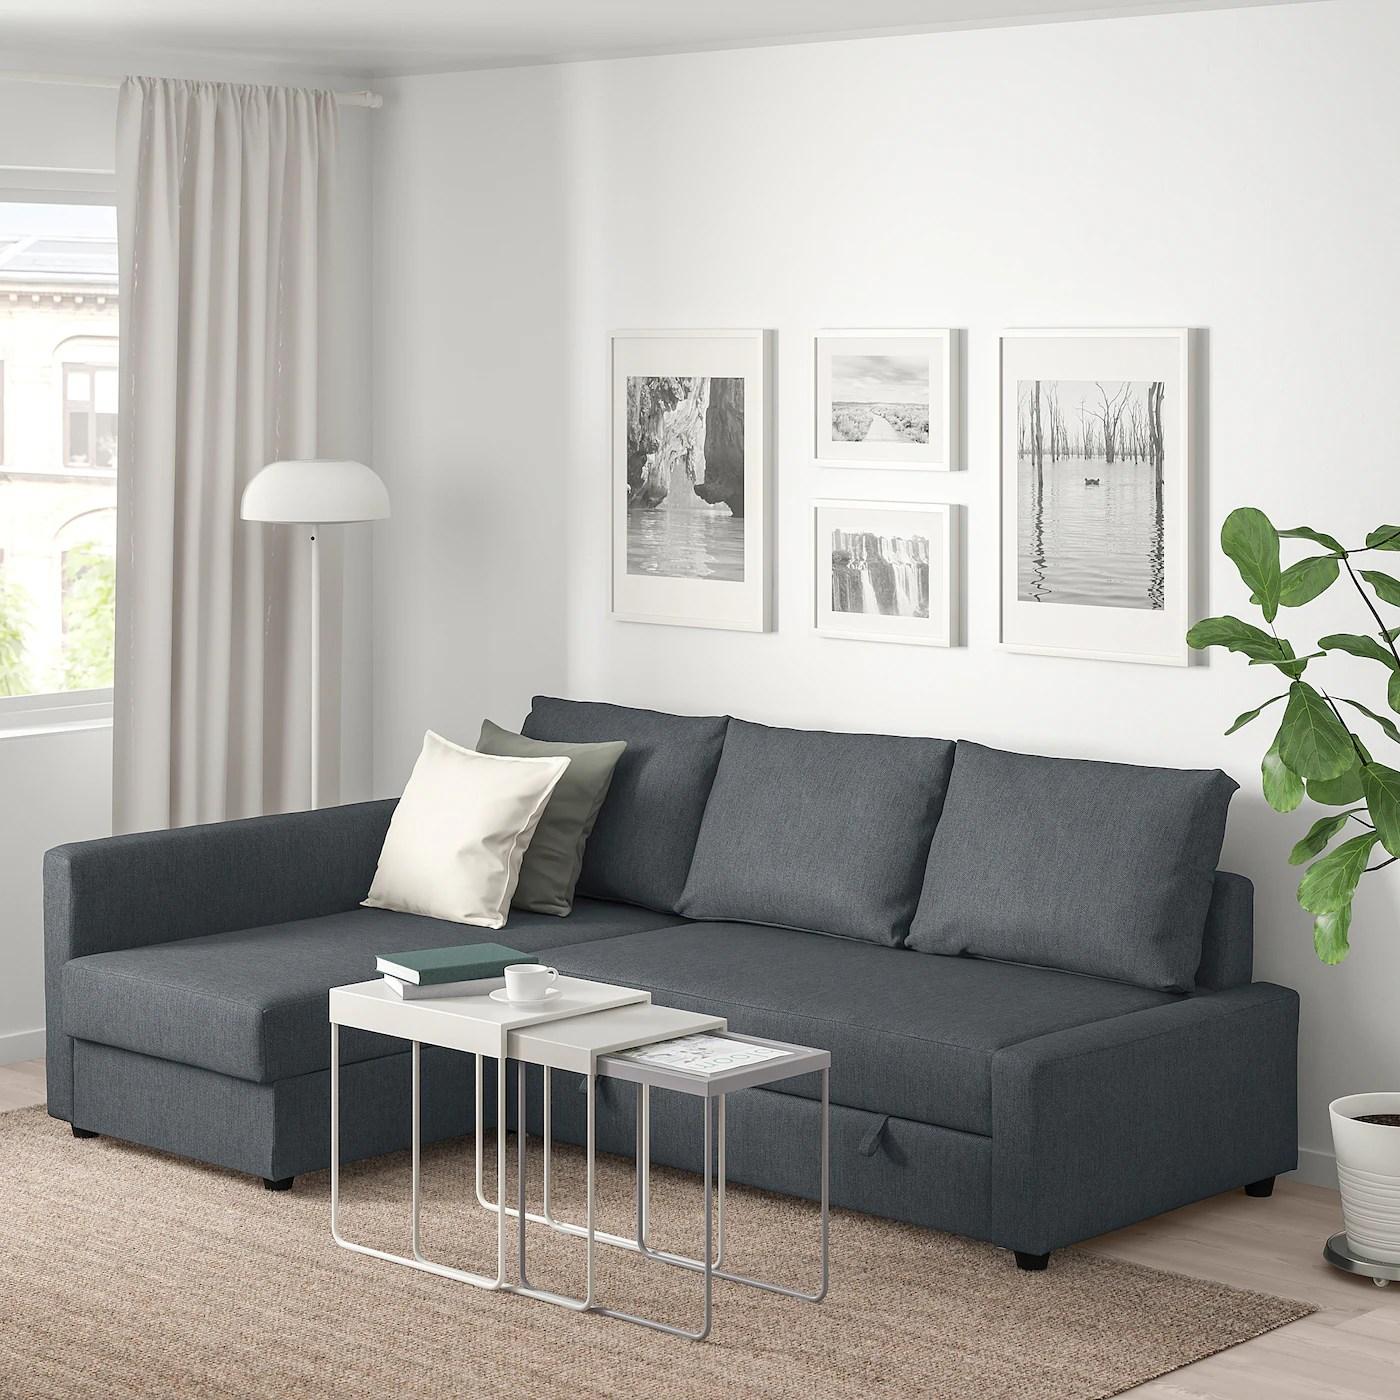 friheten corner sofa bed with storage hyllie grey Ikea Sofa Bed With Storage id=19659